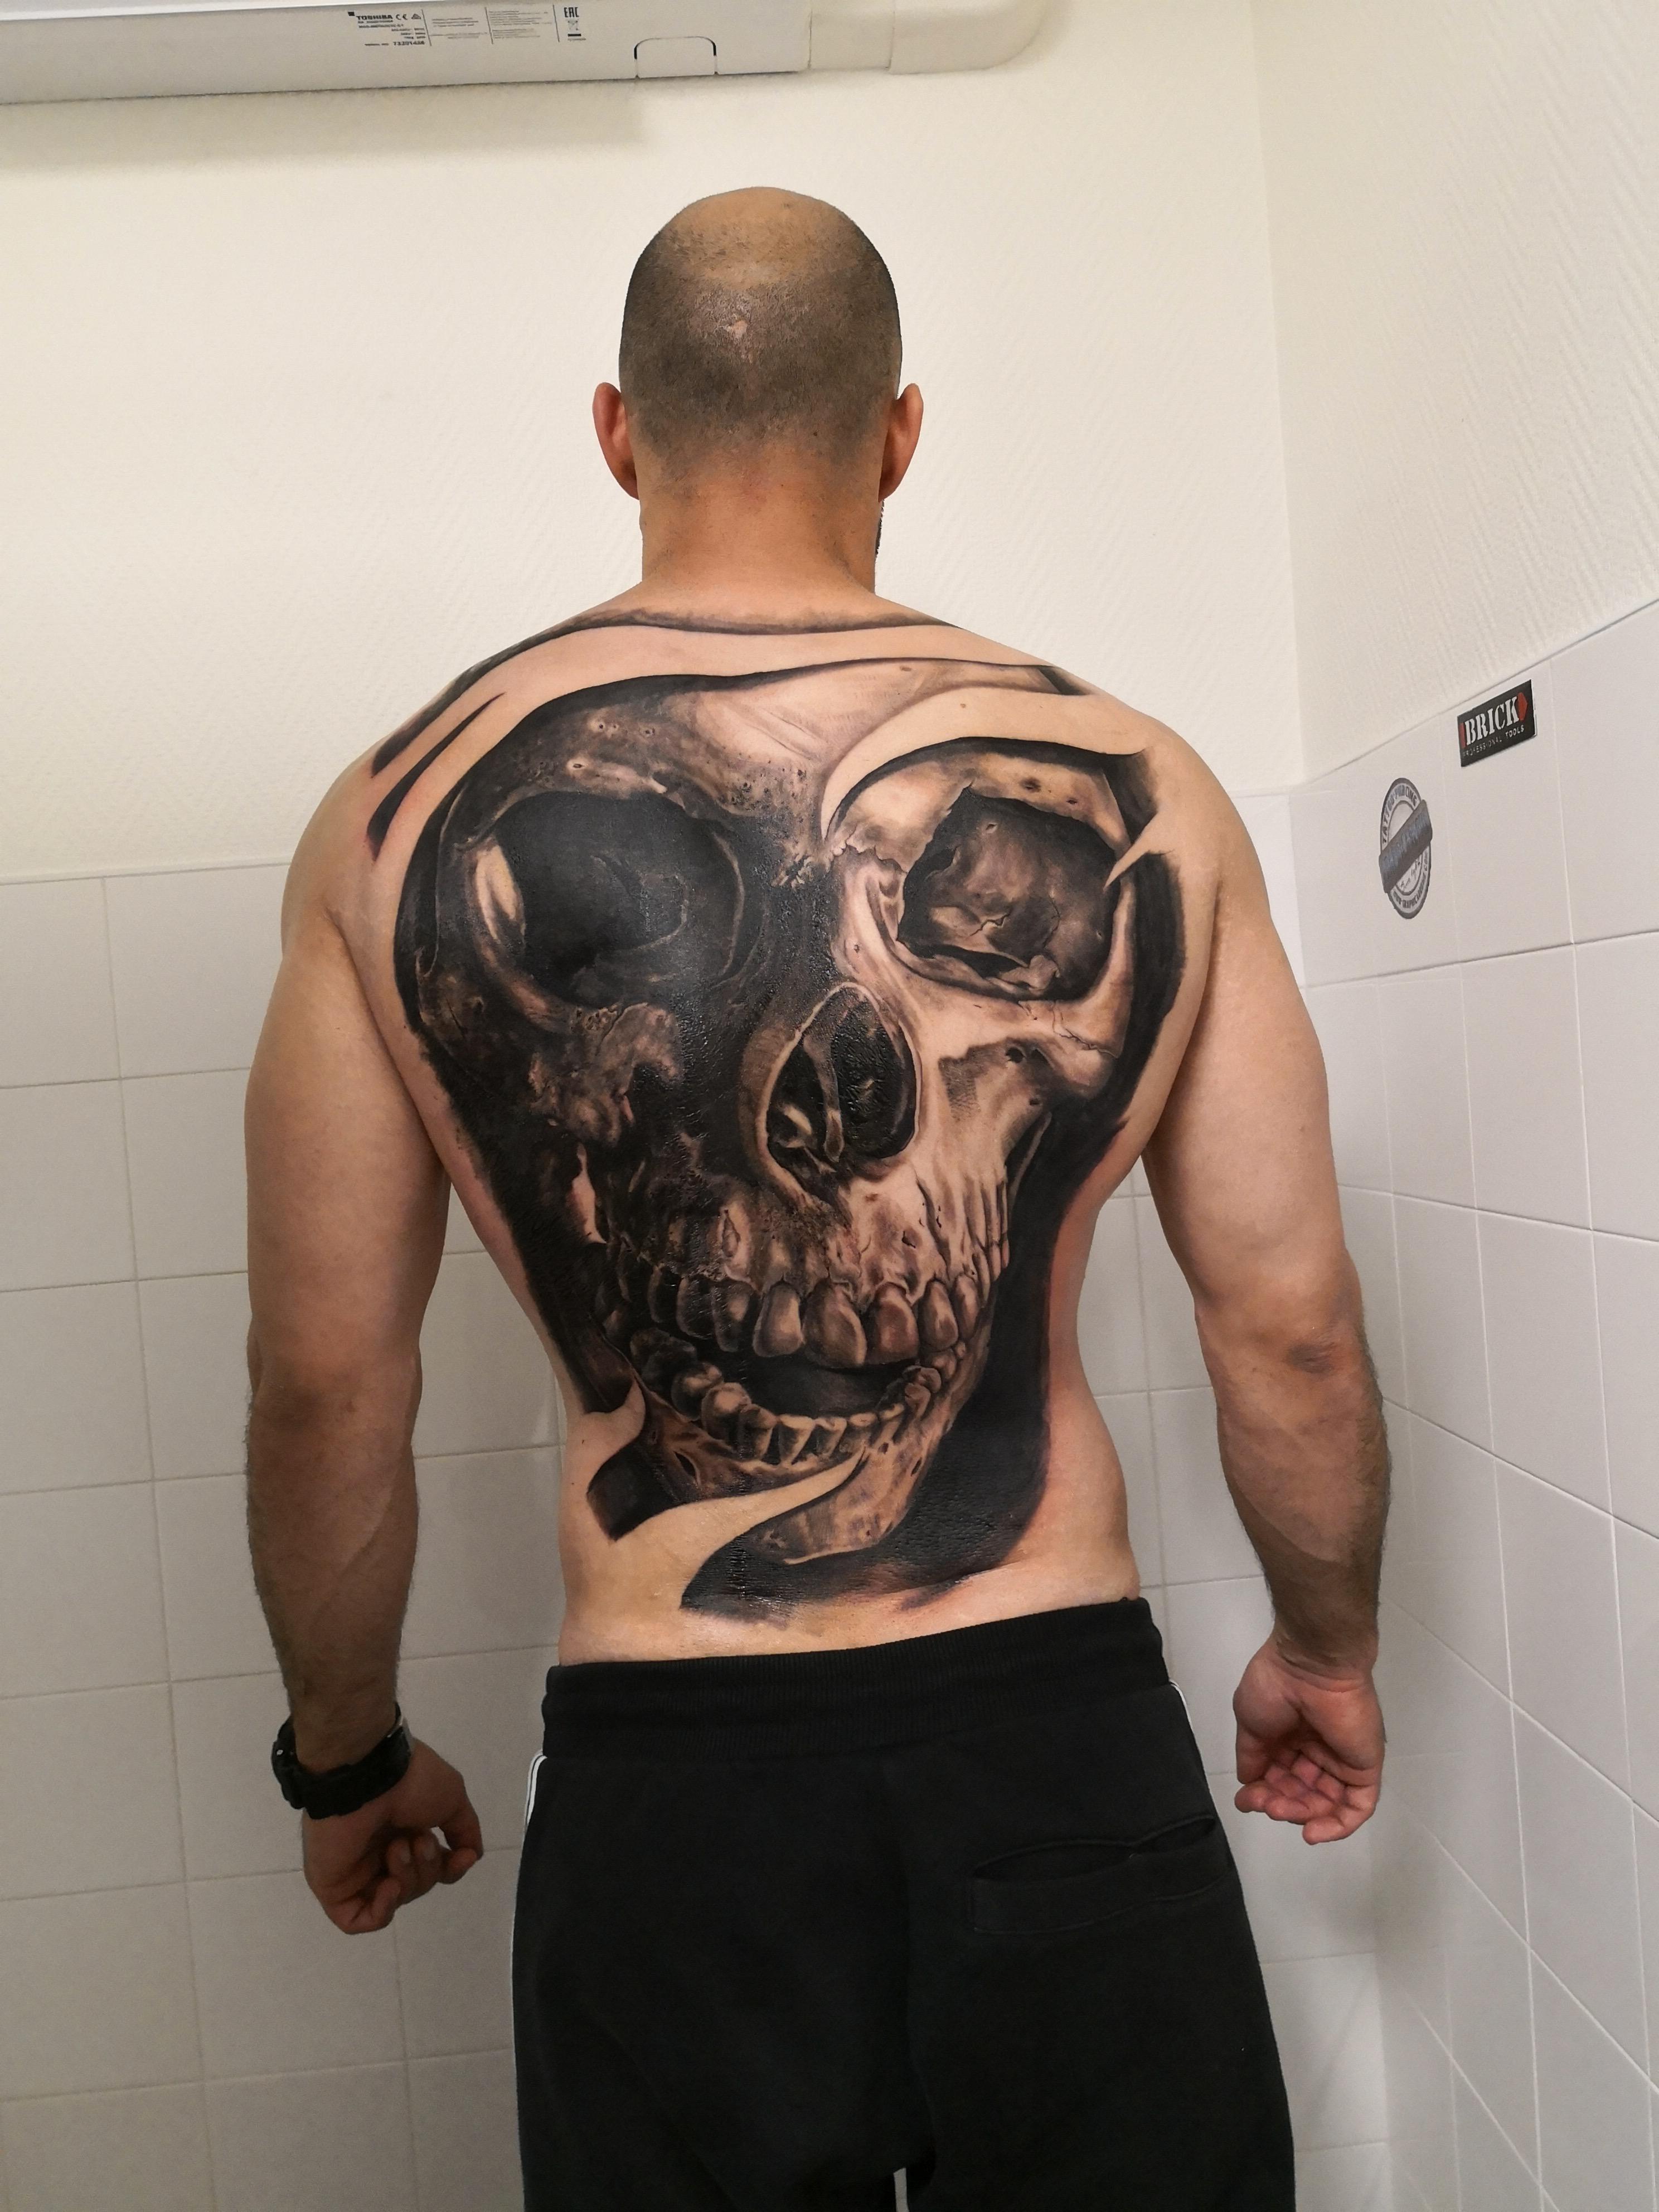 graphicaderme-tatouage-avignon-steven-chaudesaigues-julien-dirtycool